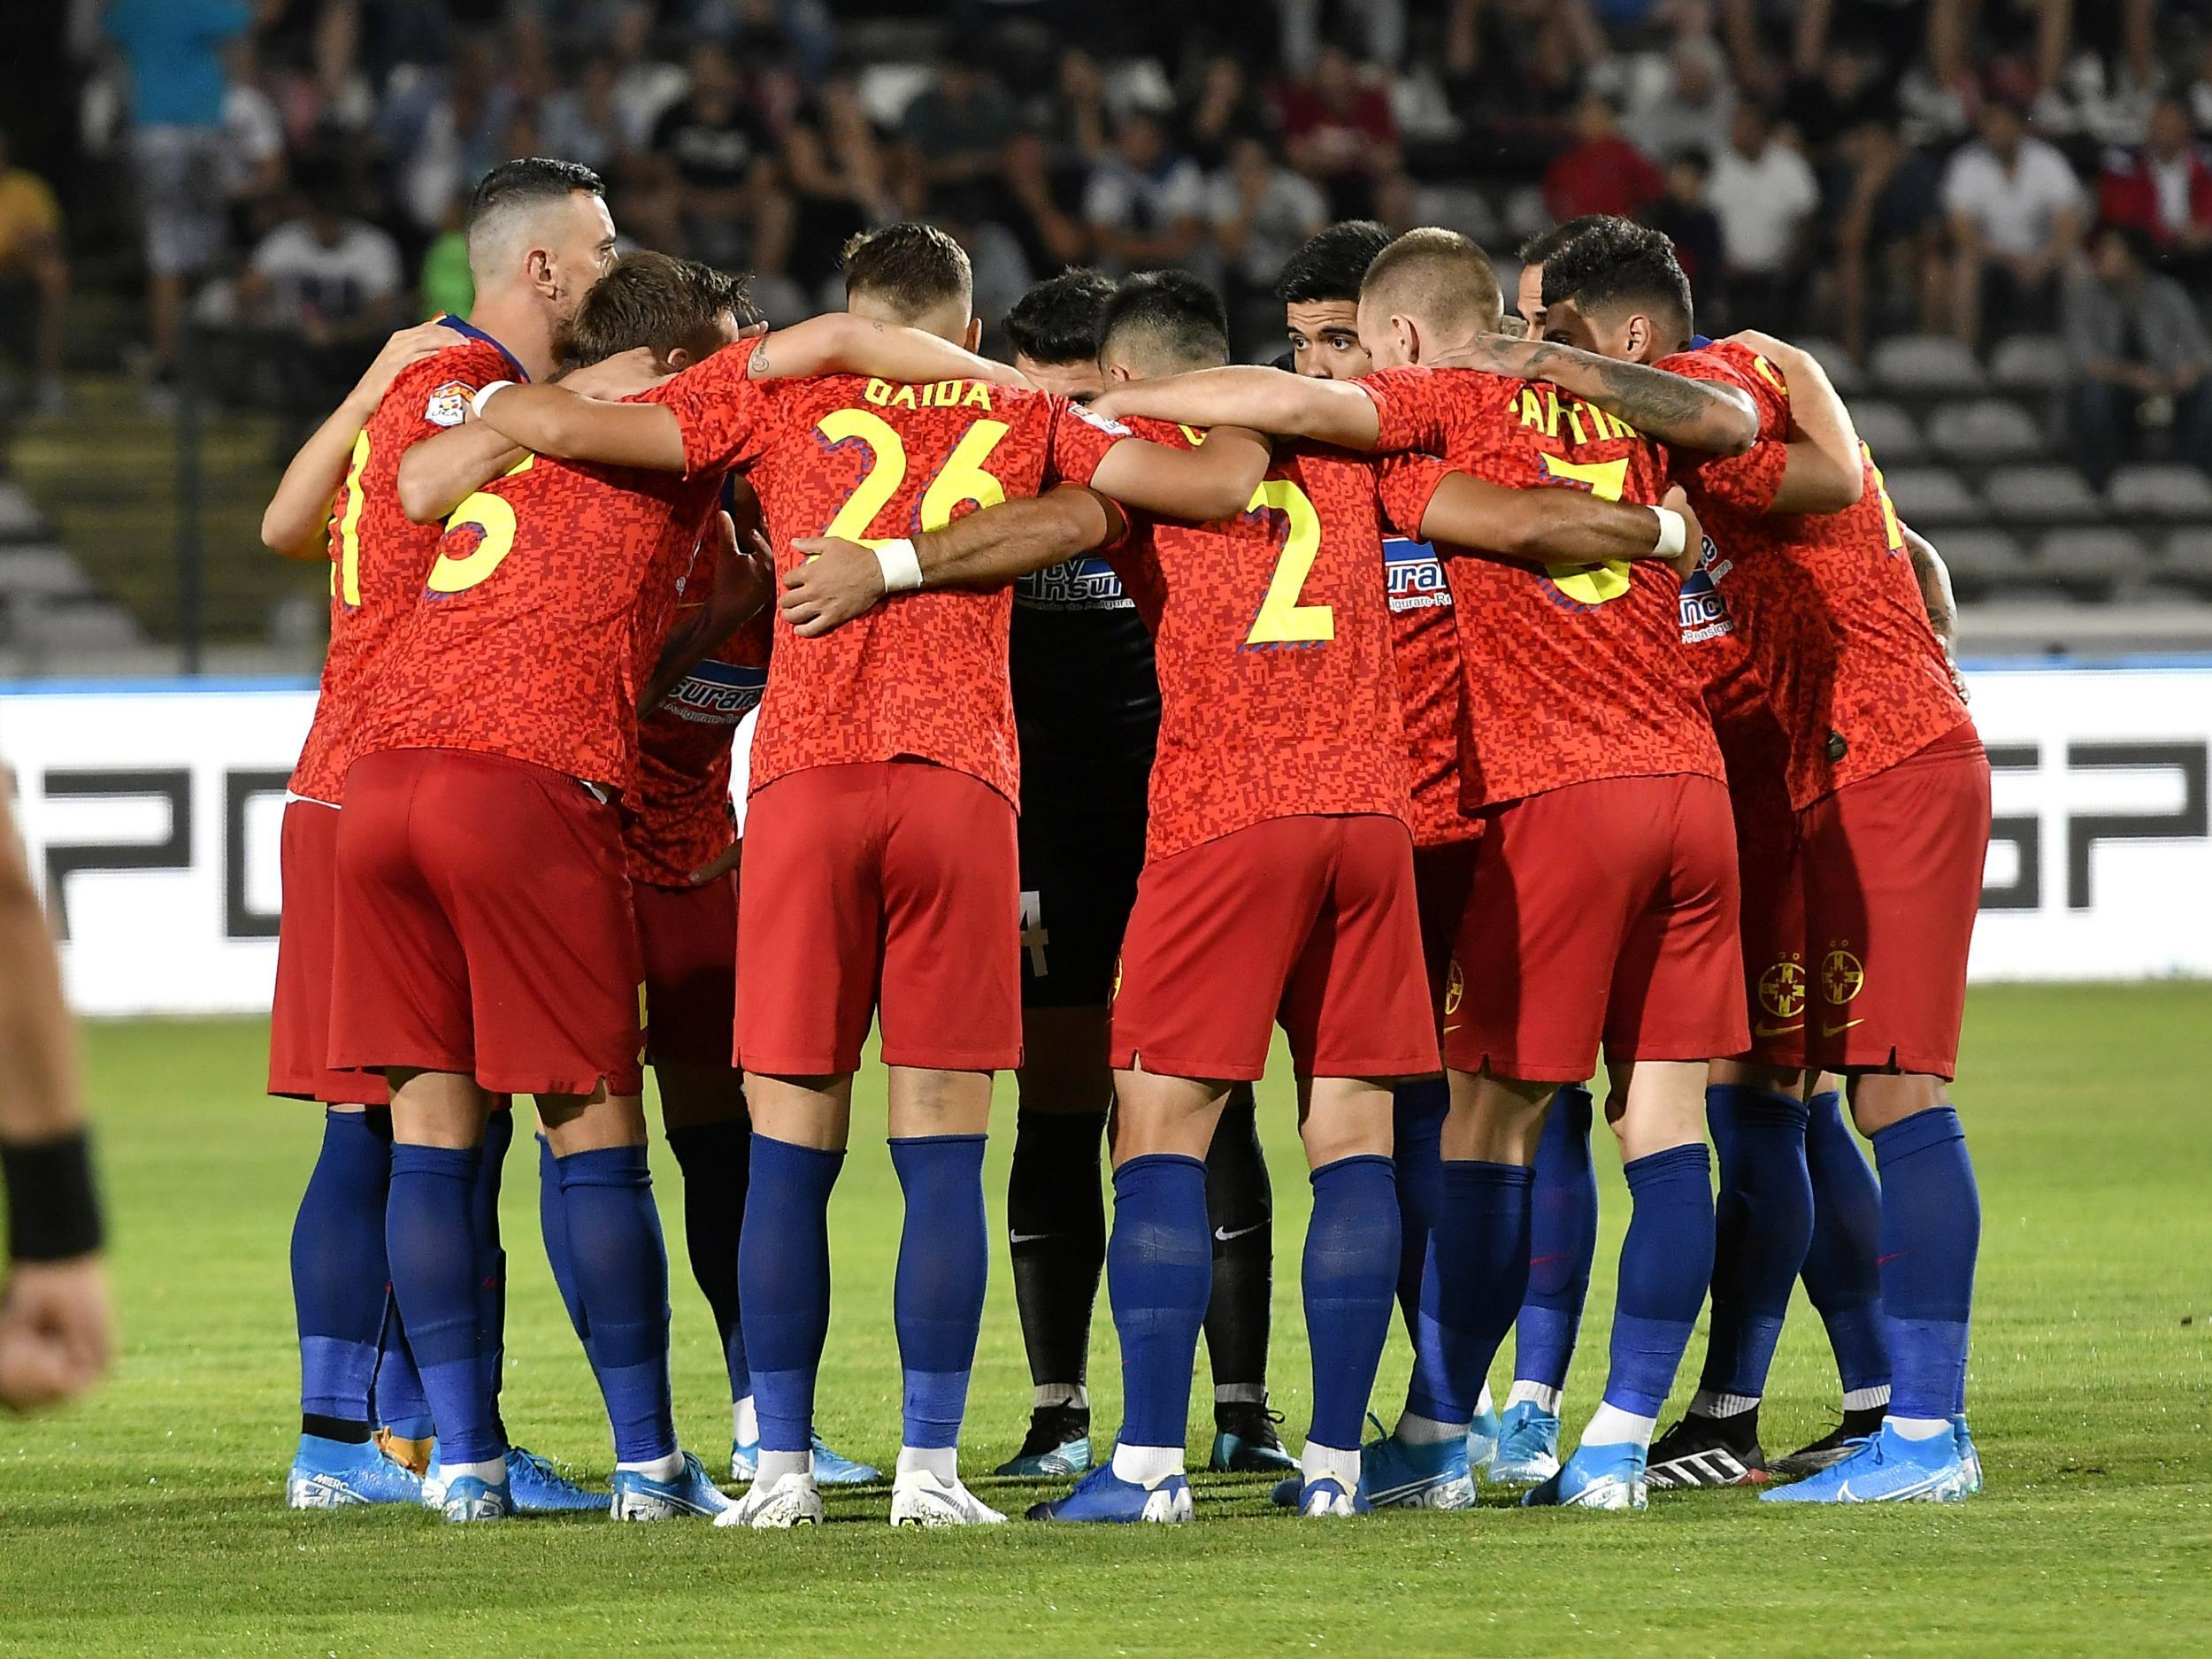 FCSB - FC VIITORUL 2-1